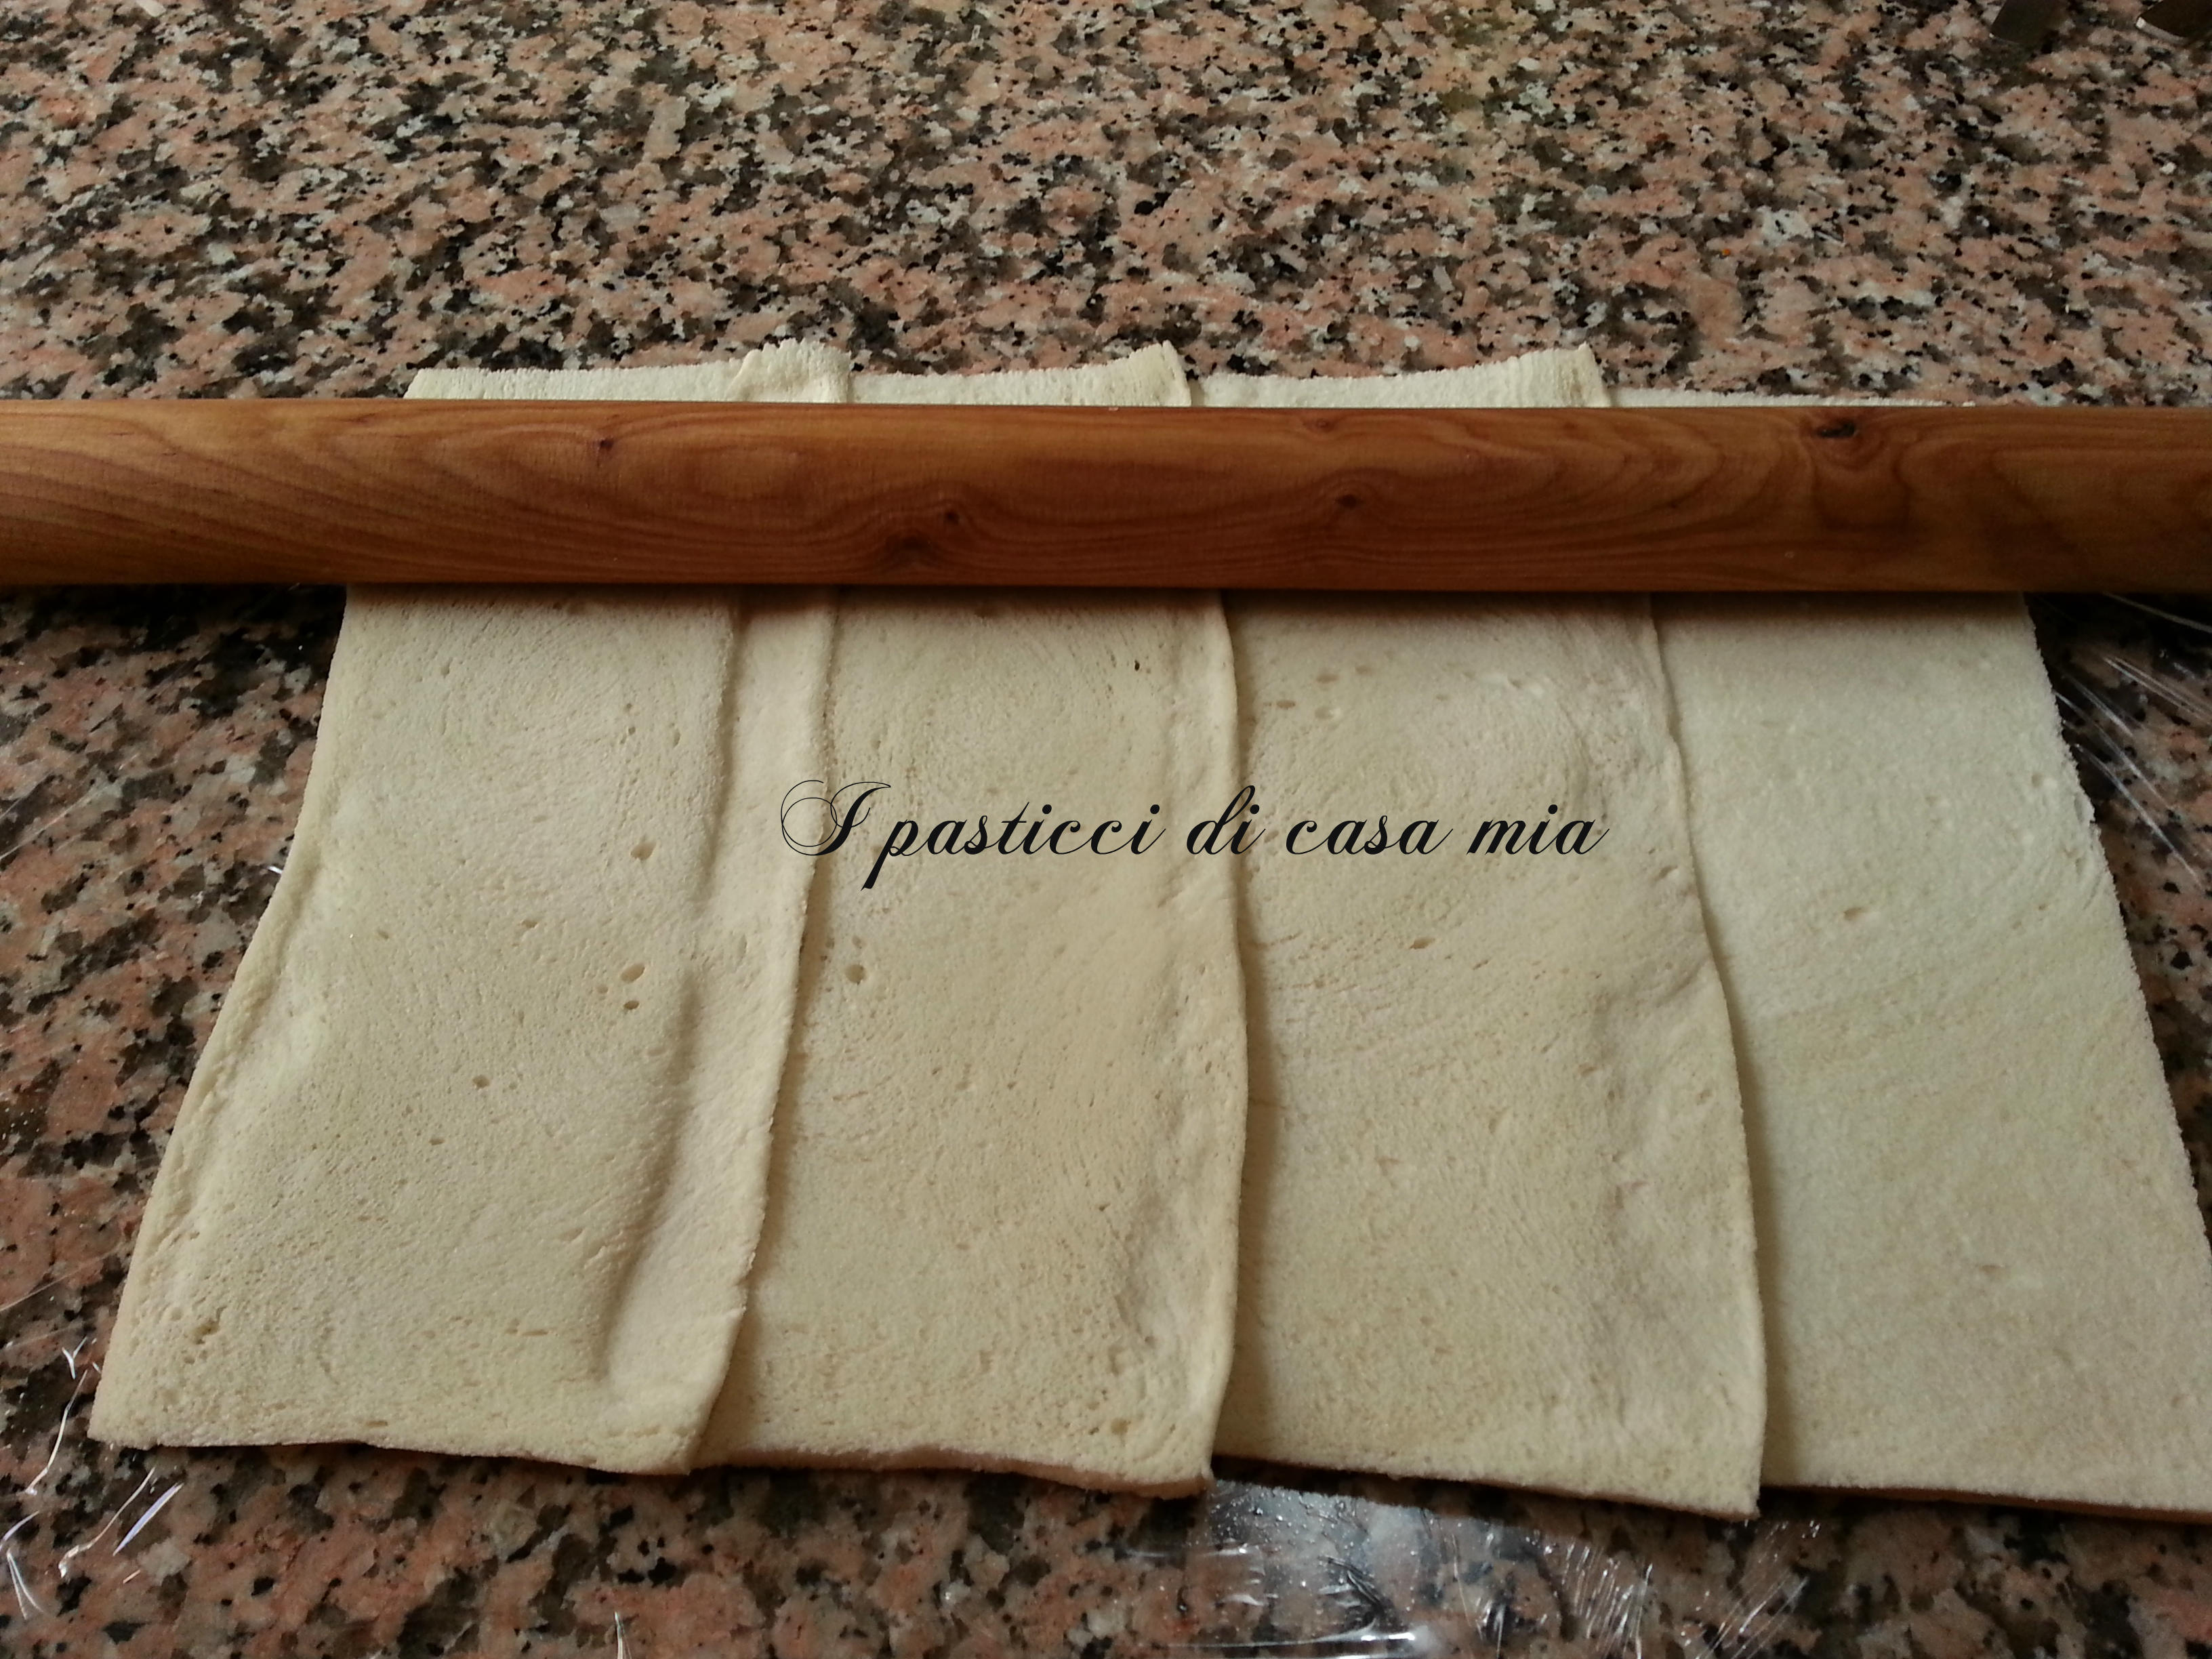 Appiattire il pane